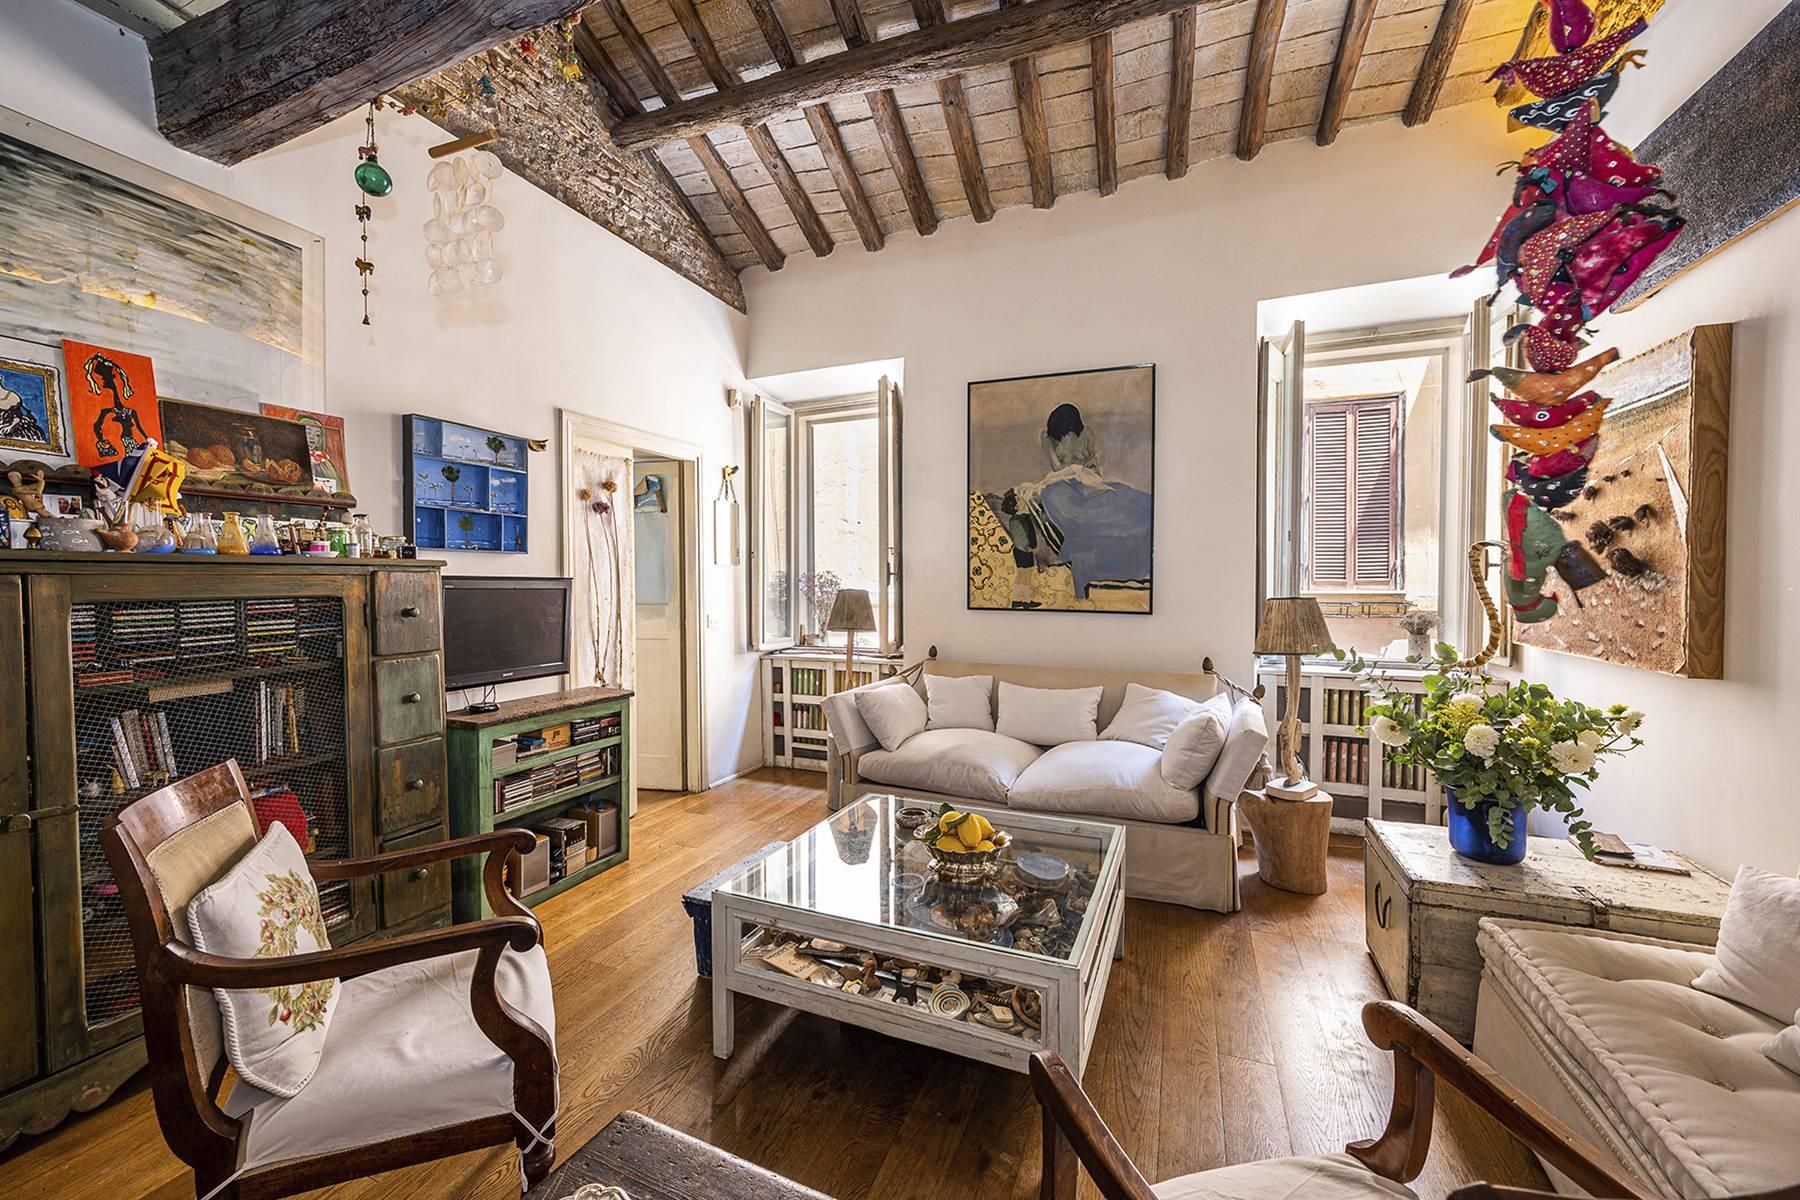 Casa indipendente in Vendita a Roma: 5 locali, 200 mq - Foto 1